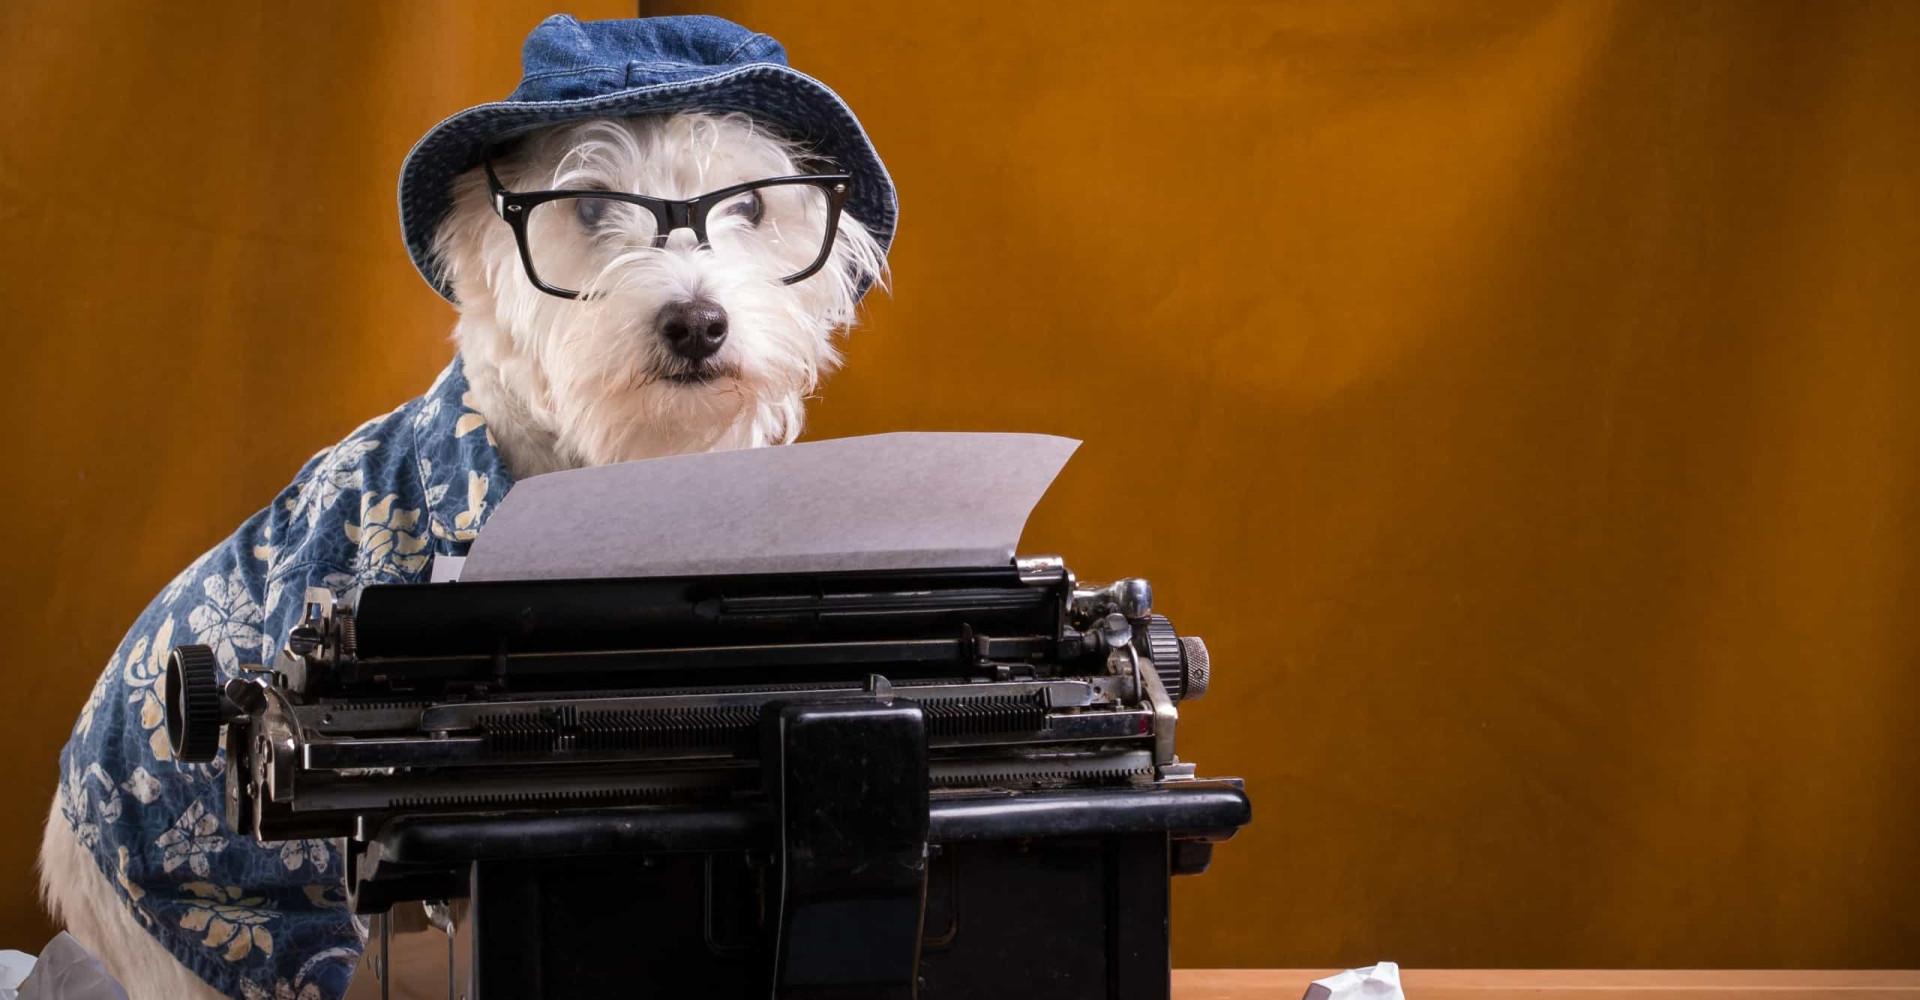 Vakantiewebsite zoekt hond als recensent